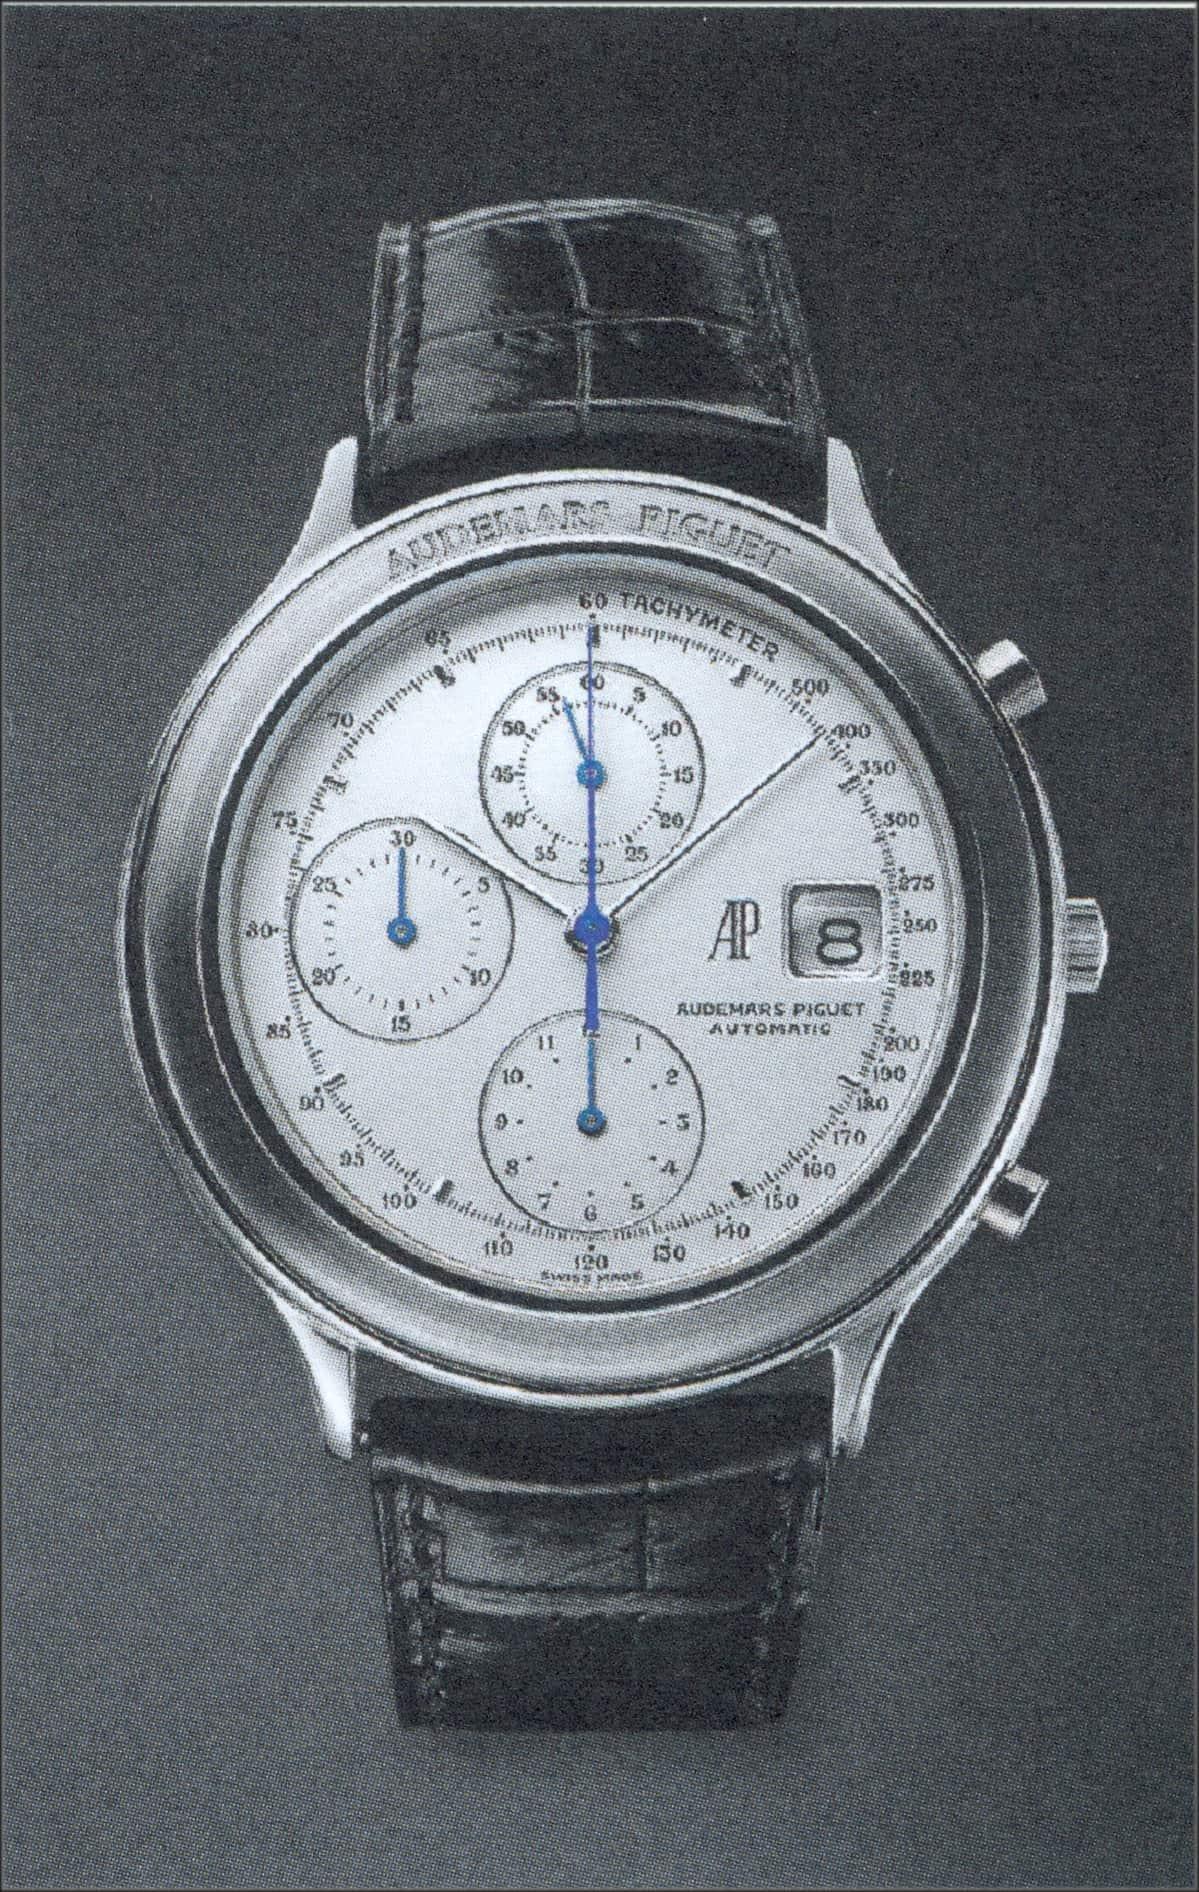 Der Audemars Piguet Huitieme Chronograph, Automatikkaliber 2126-2840, von 1988 wird nicht mehr hergestellt